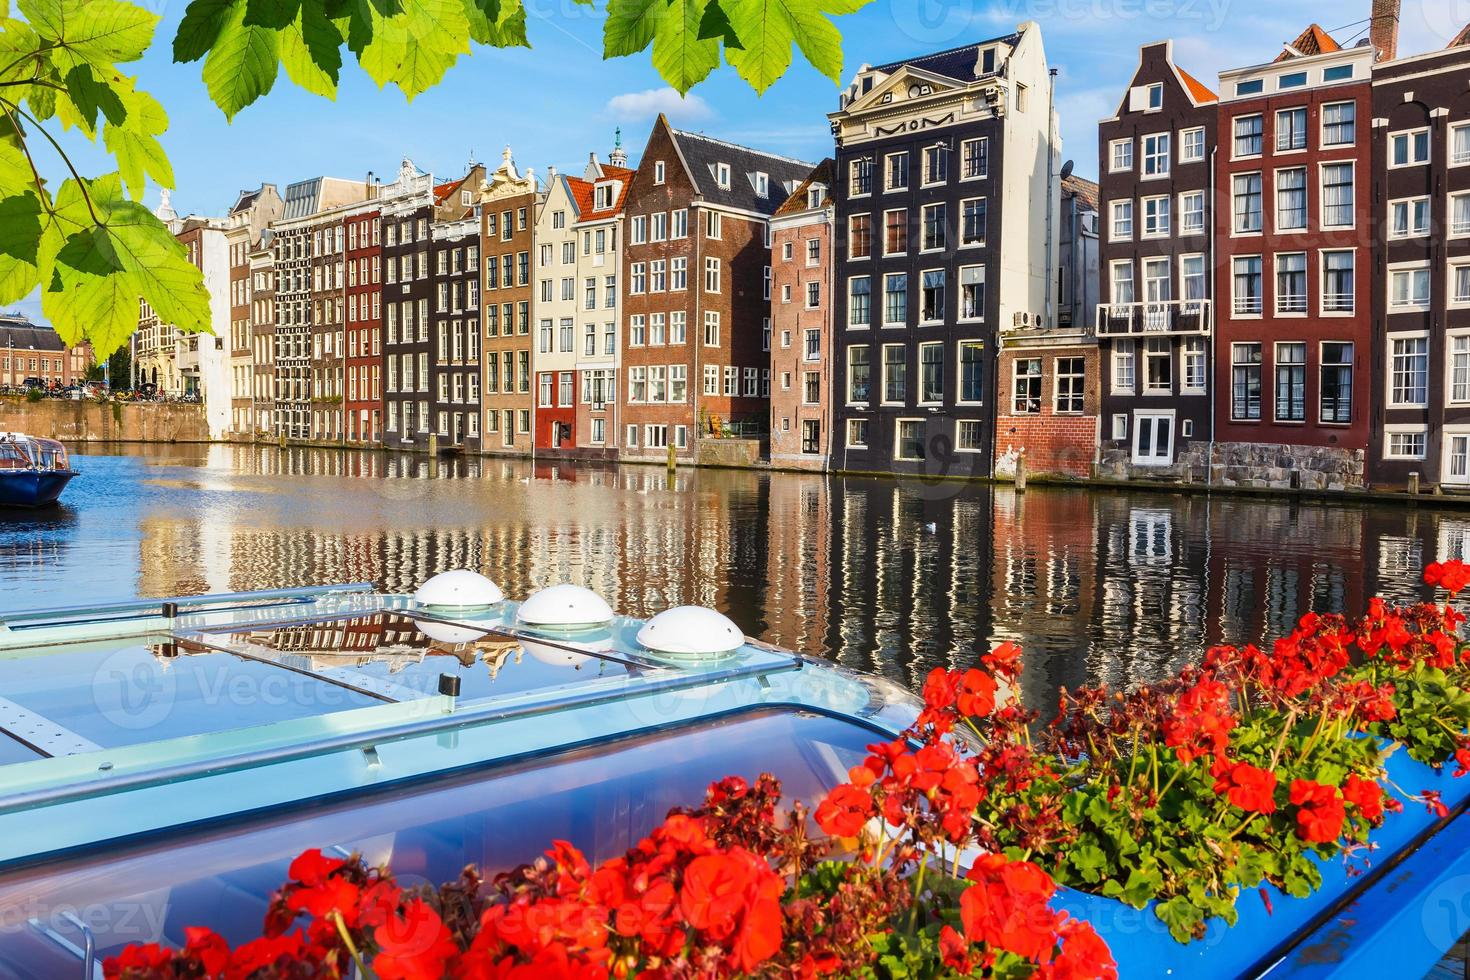 edifici olandesi tradizionali, amsterdam foto